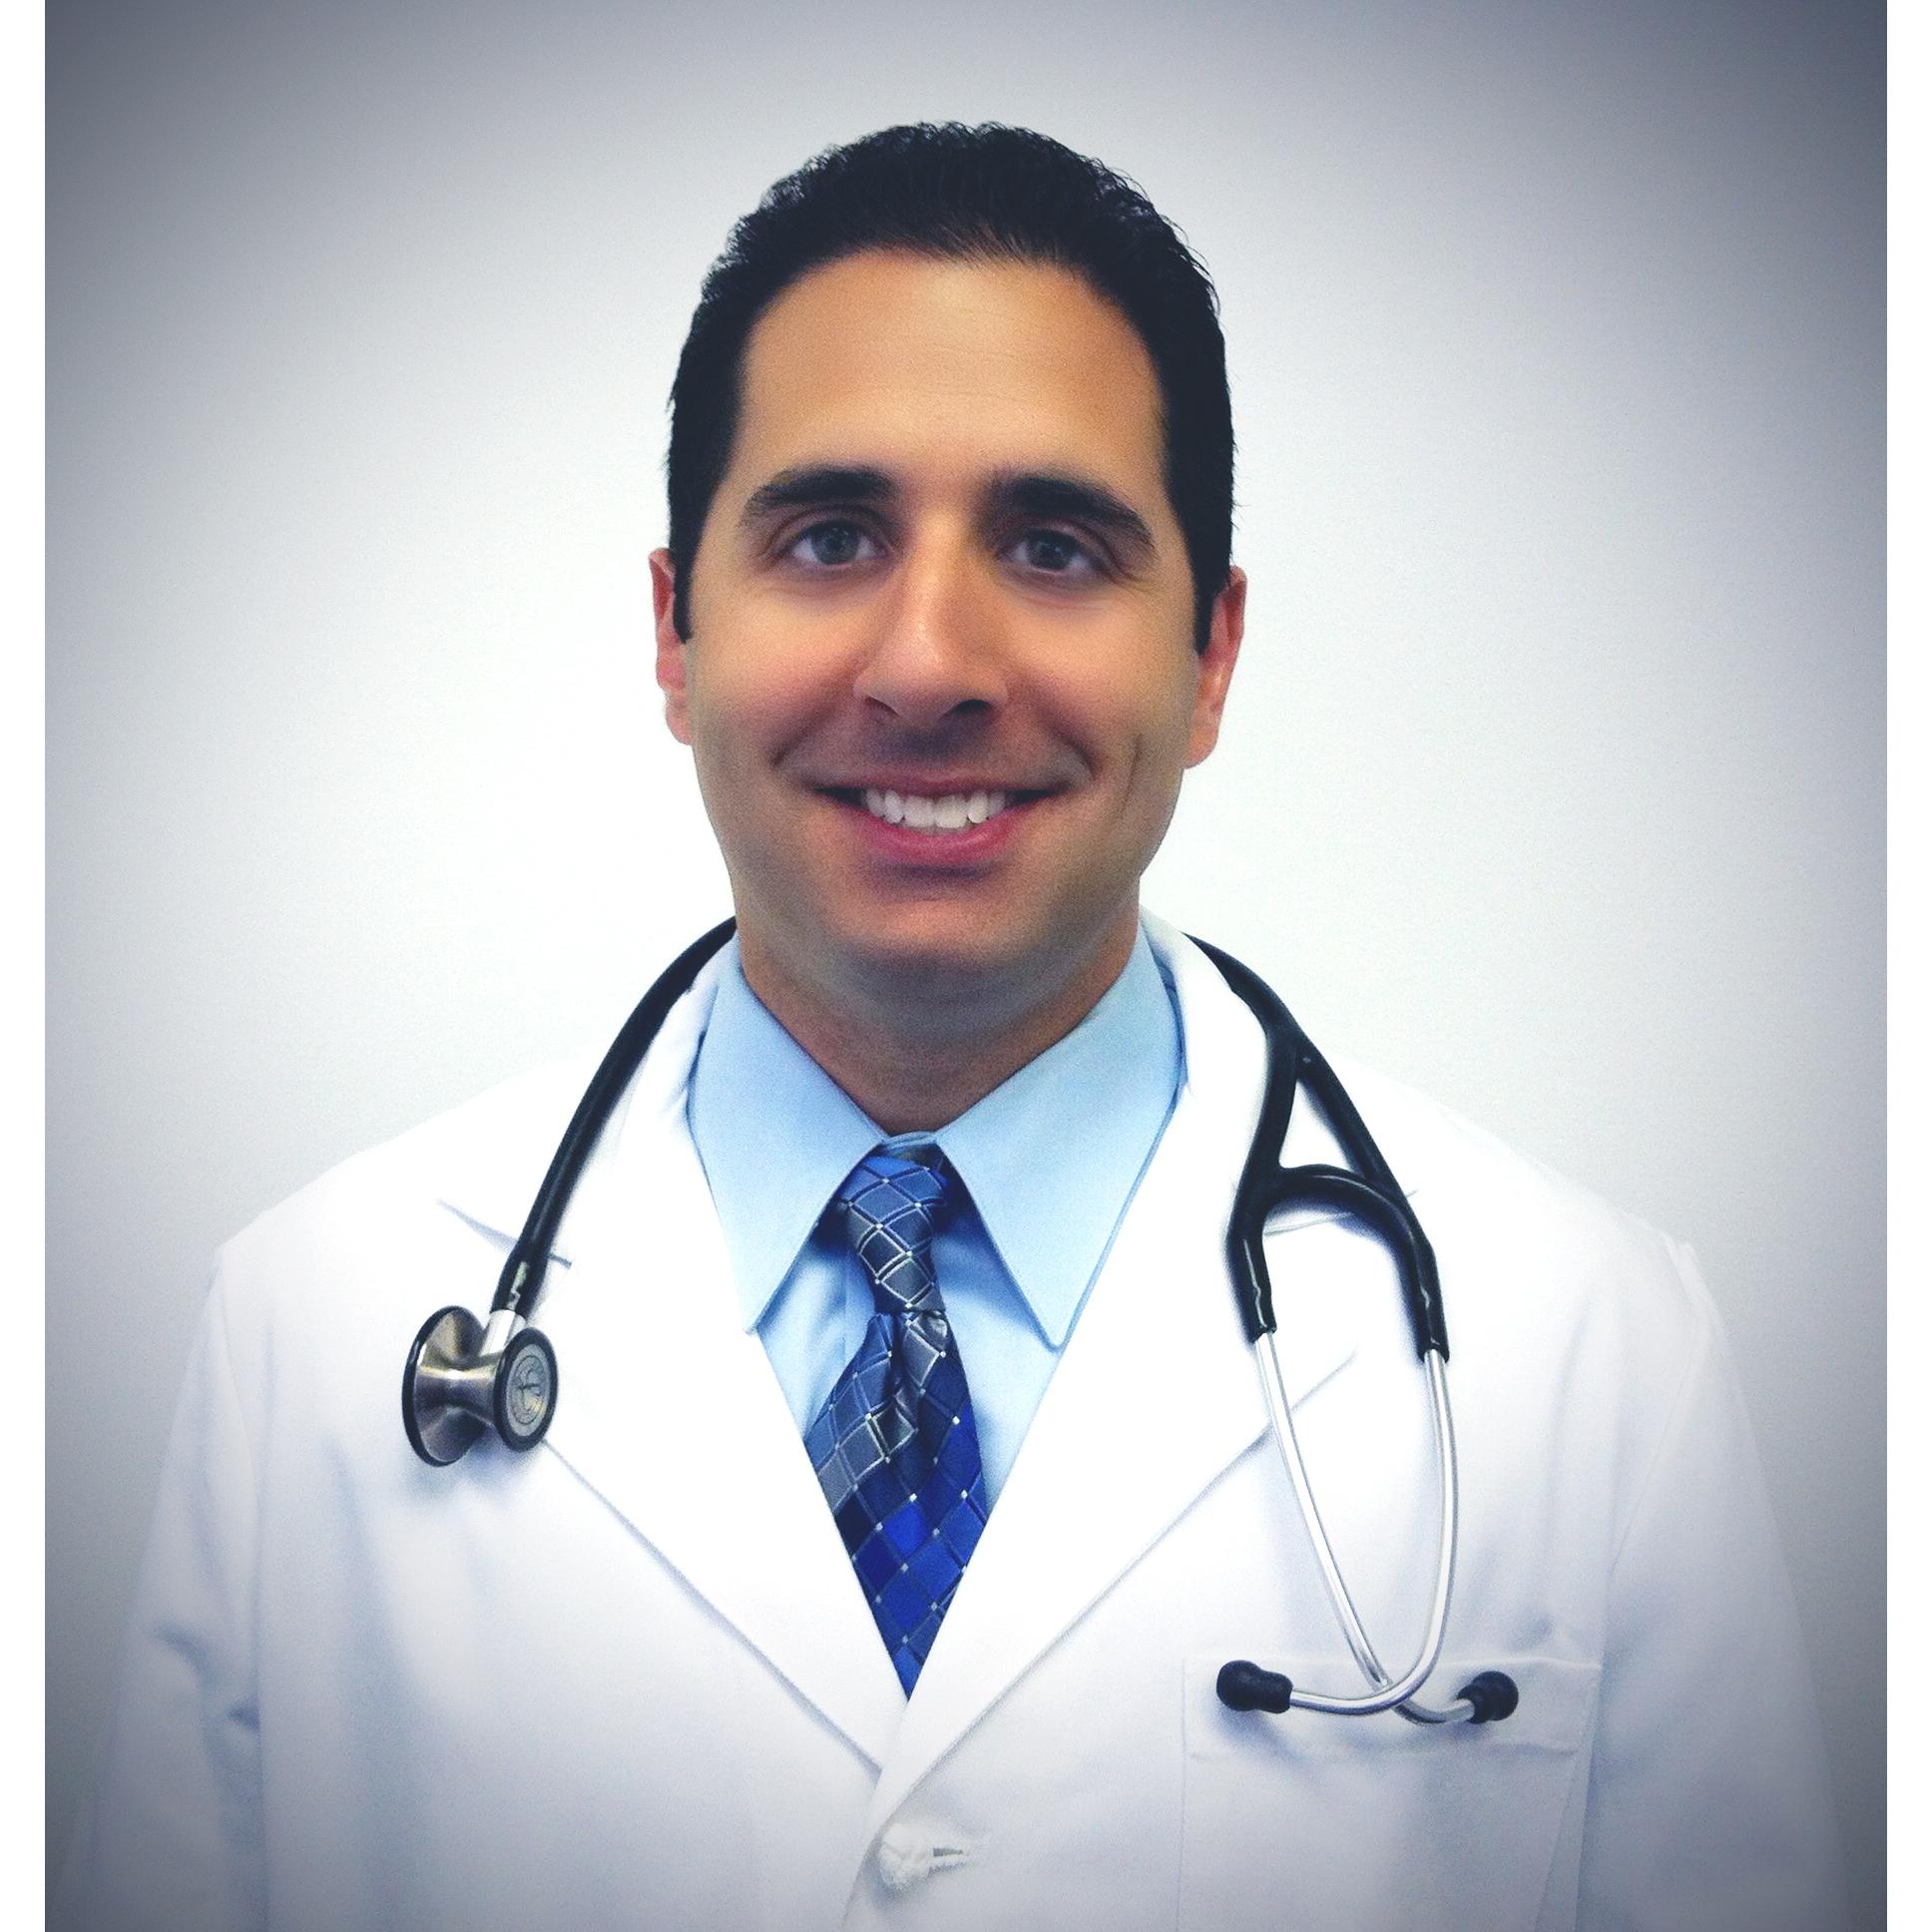 Cavallaro III, Joseph Physician - Cavallaro Family Practice